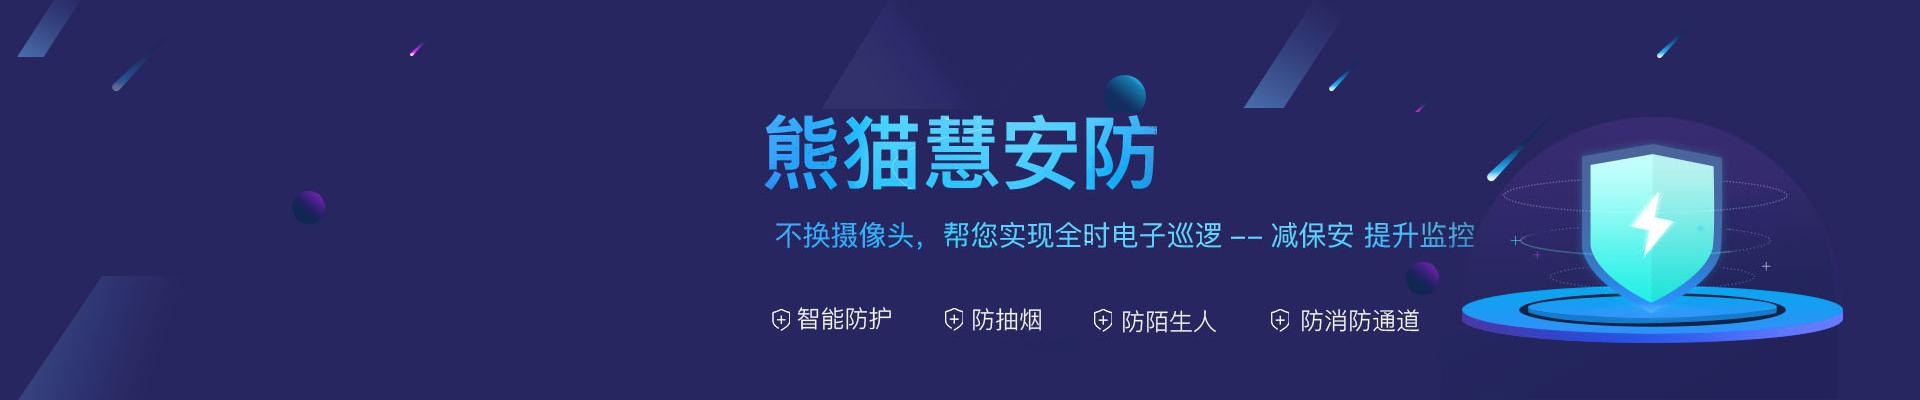 熊猫慧安防专业仓储托管租赁